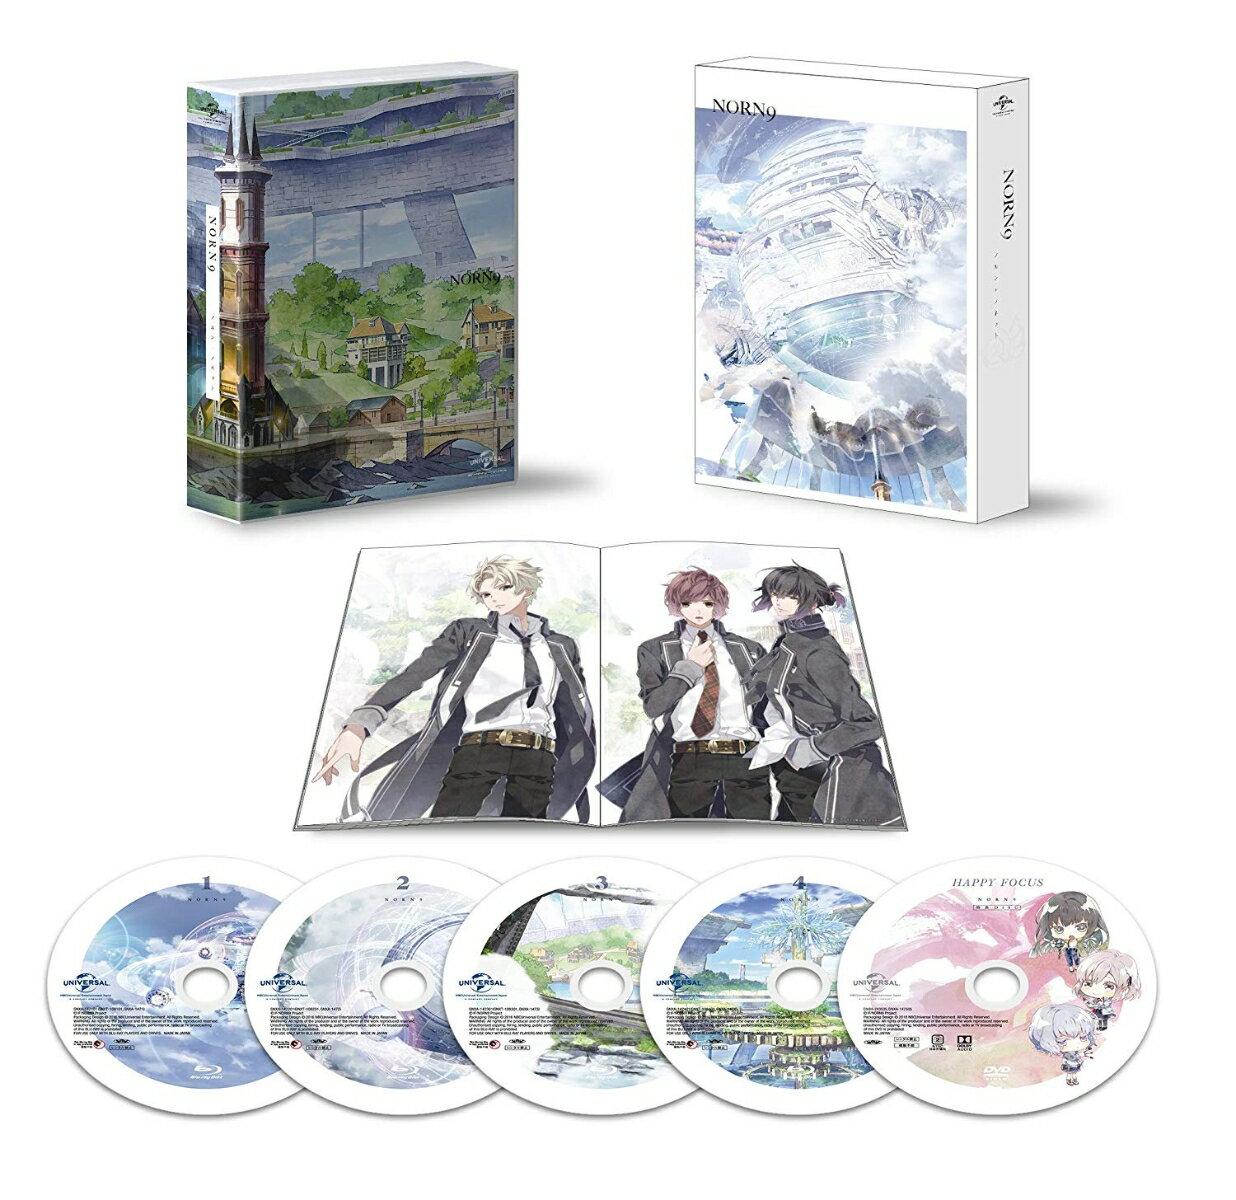 ノルン+ノネット Blu-ray BOX【Blu-ray】画像